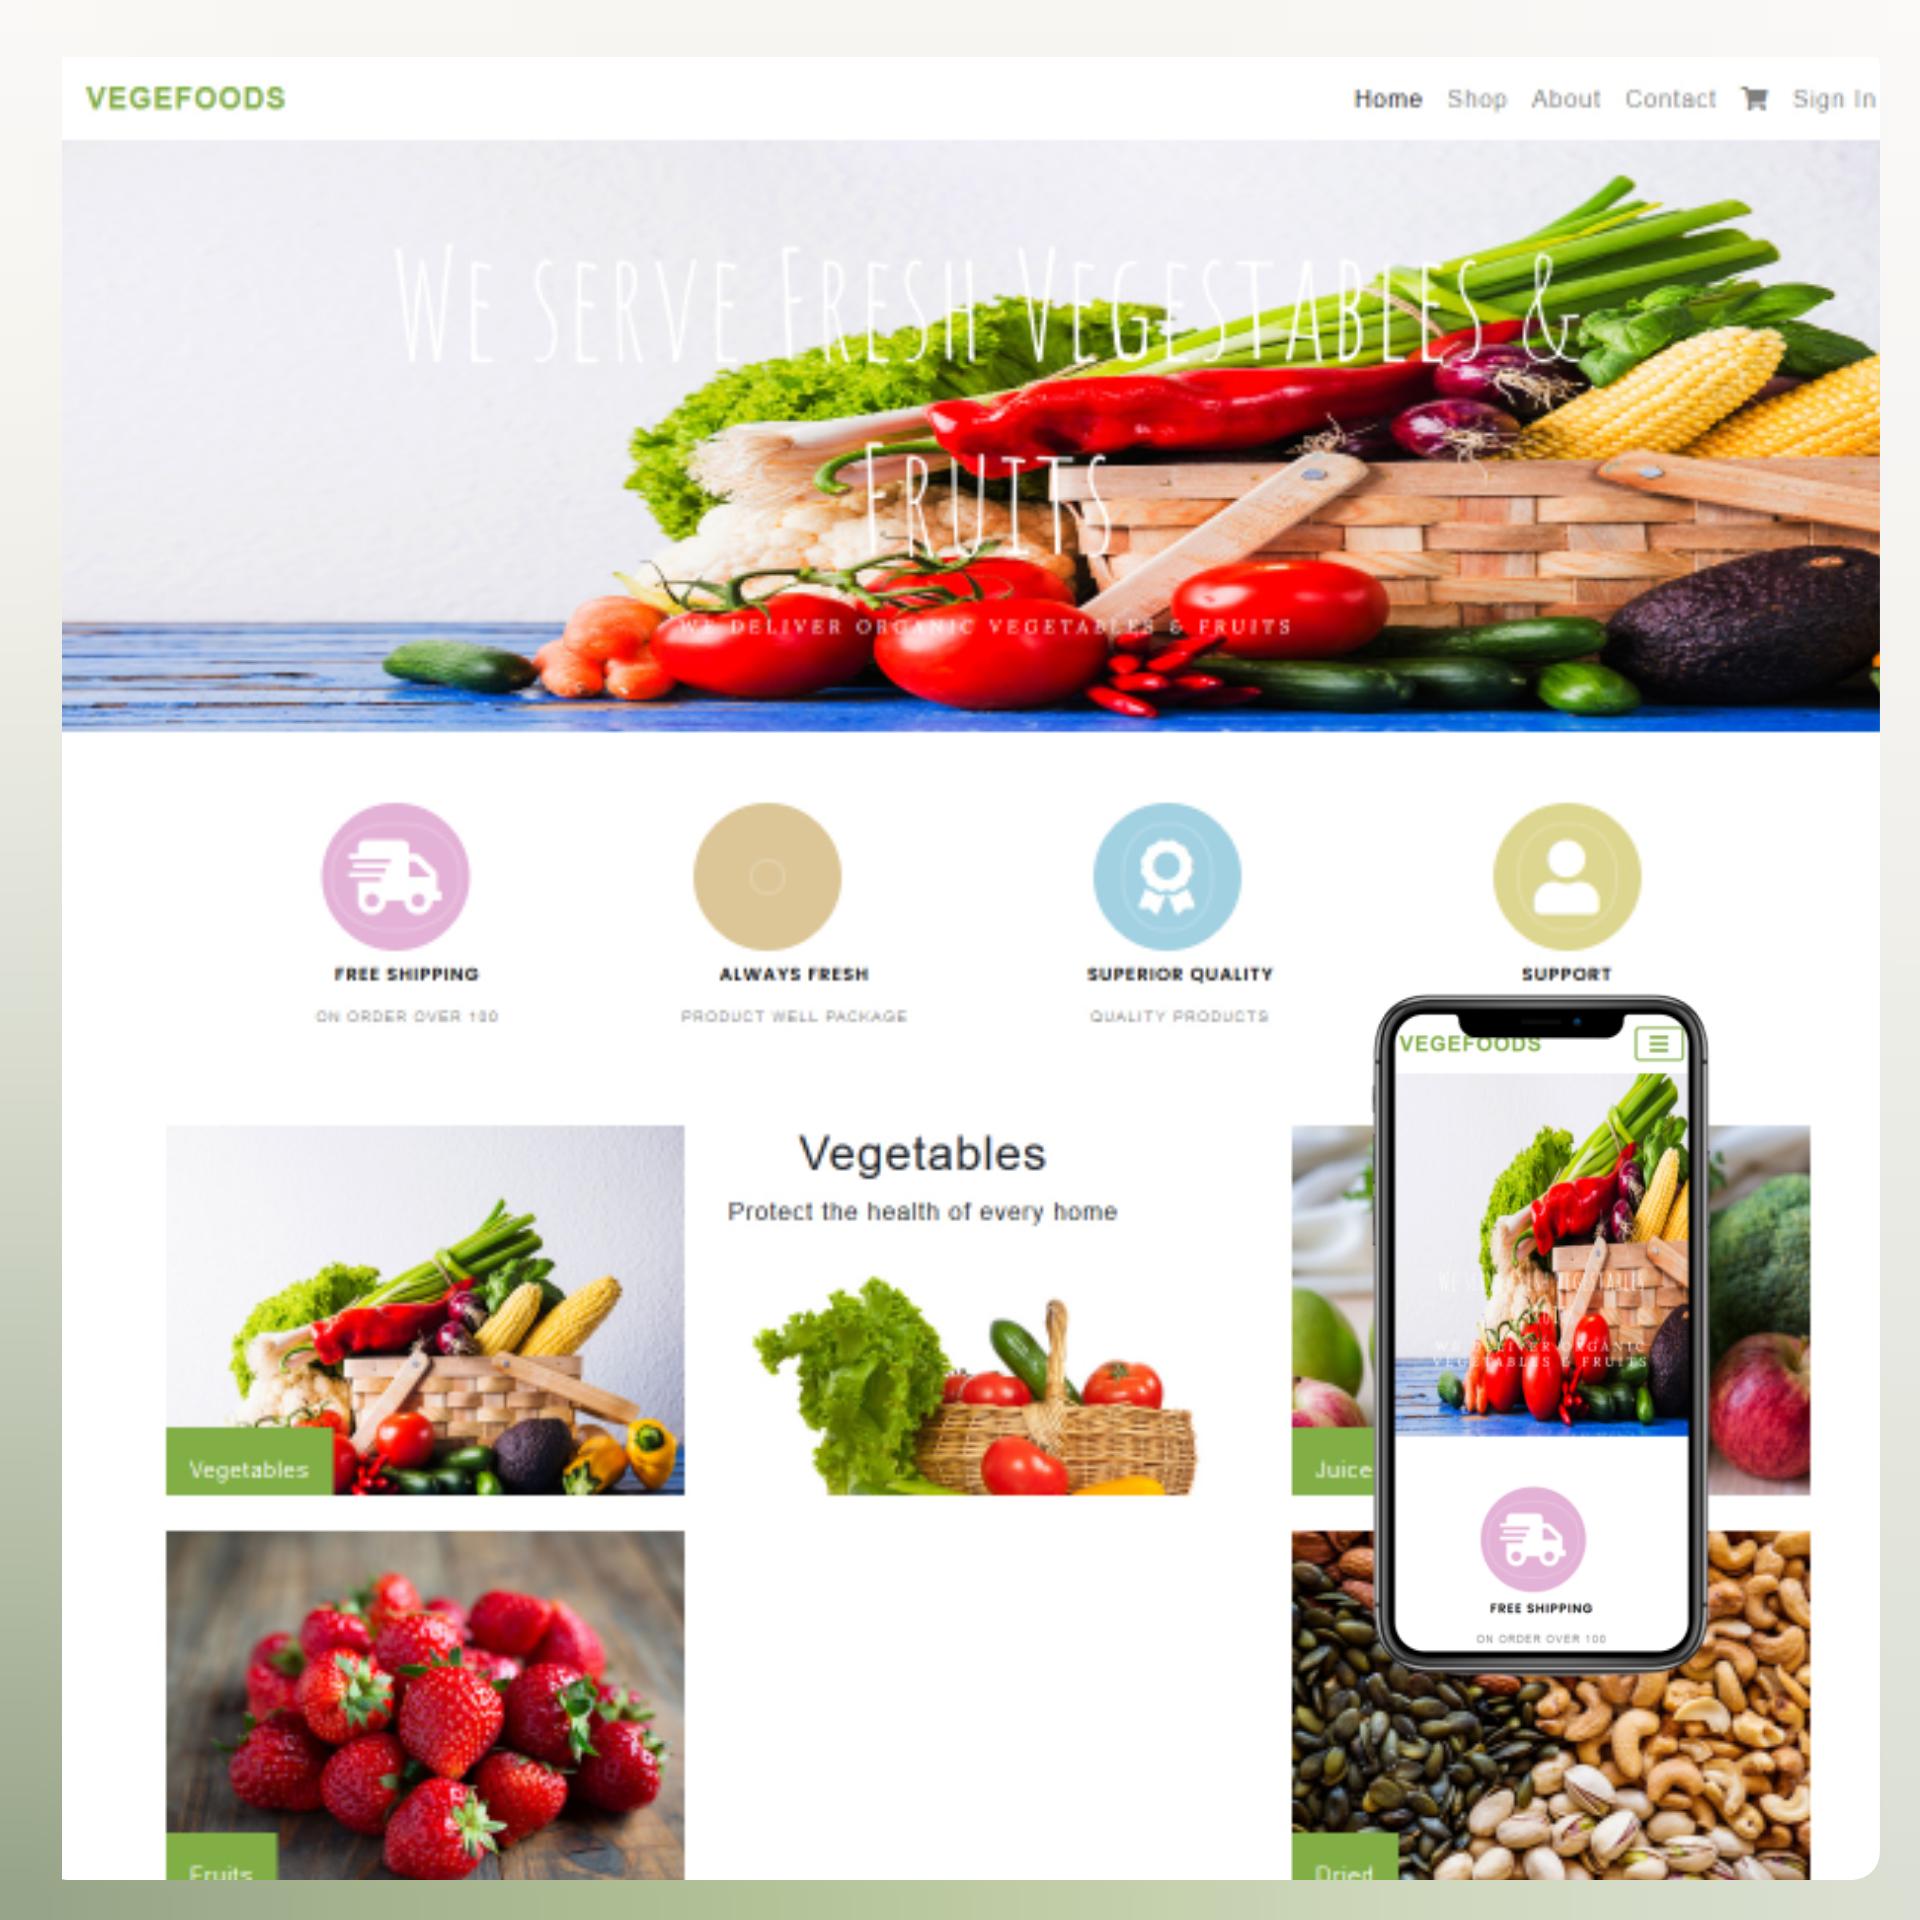 Vegefoods website